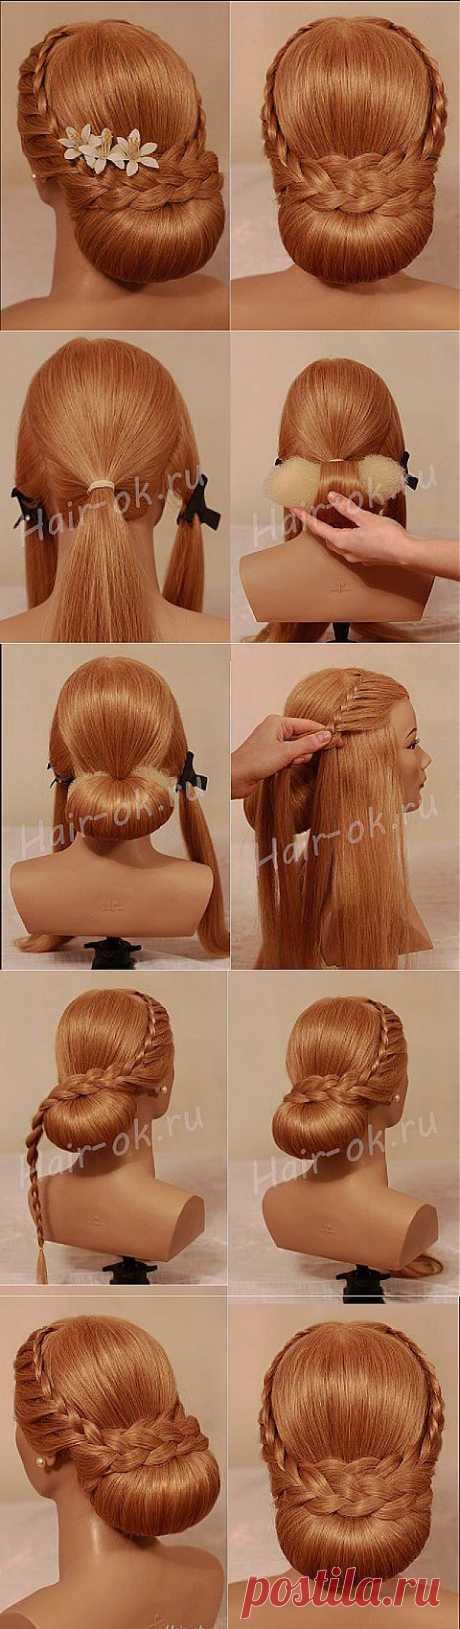 Красивая прическа с косами своими руками | Варварушка-Рукодельница